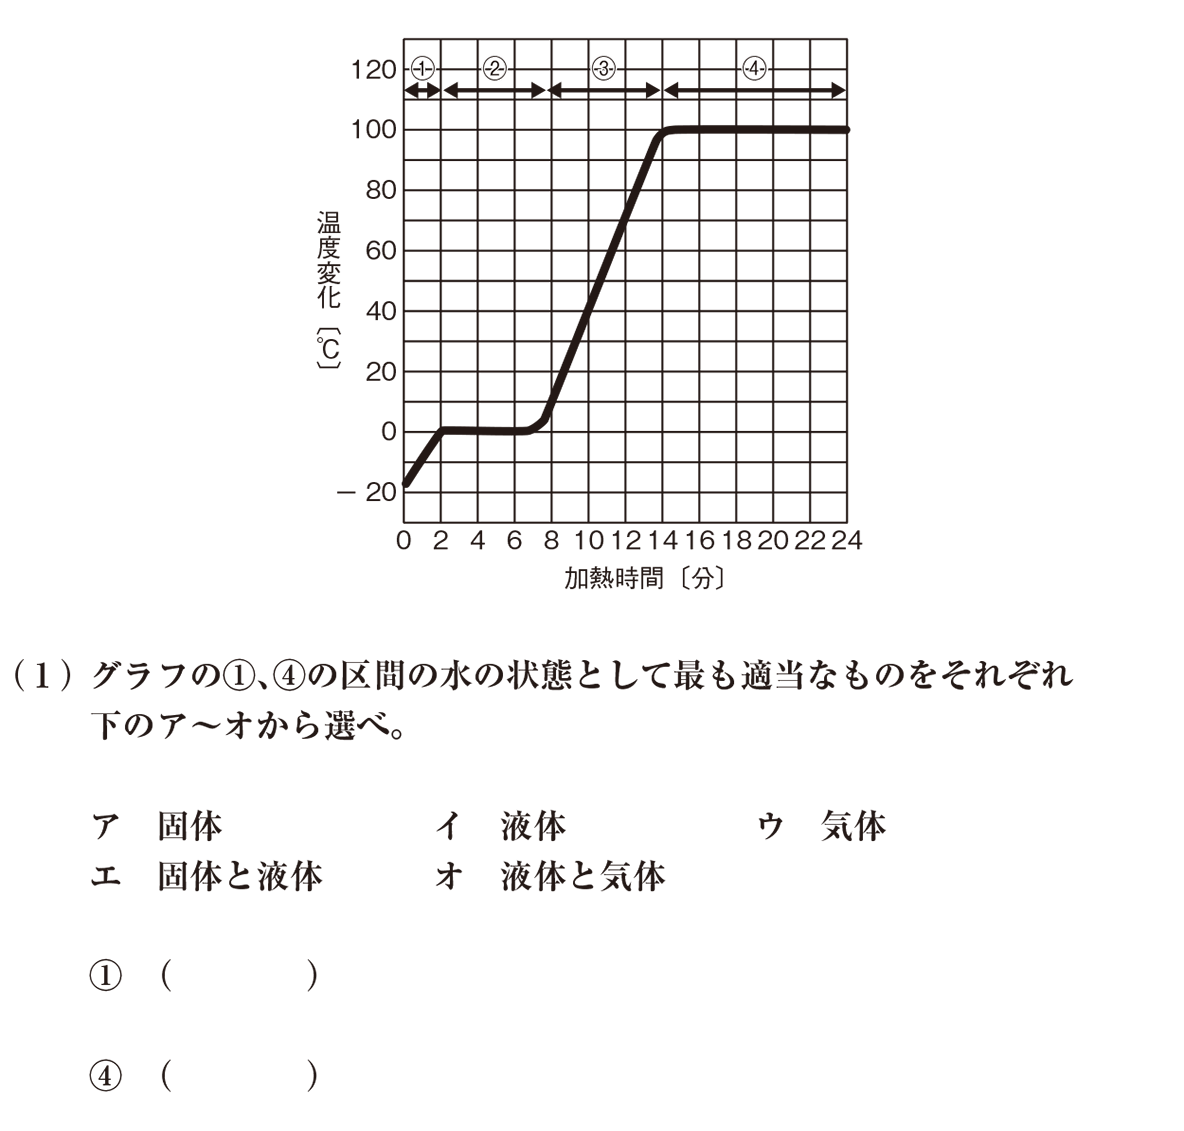 高校化学 物質の状態と平衡 練習 グラフと(1)